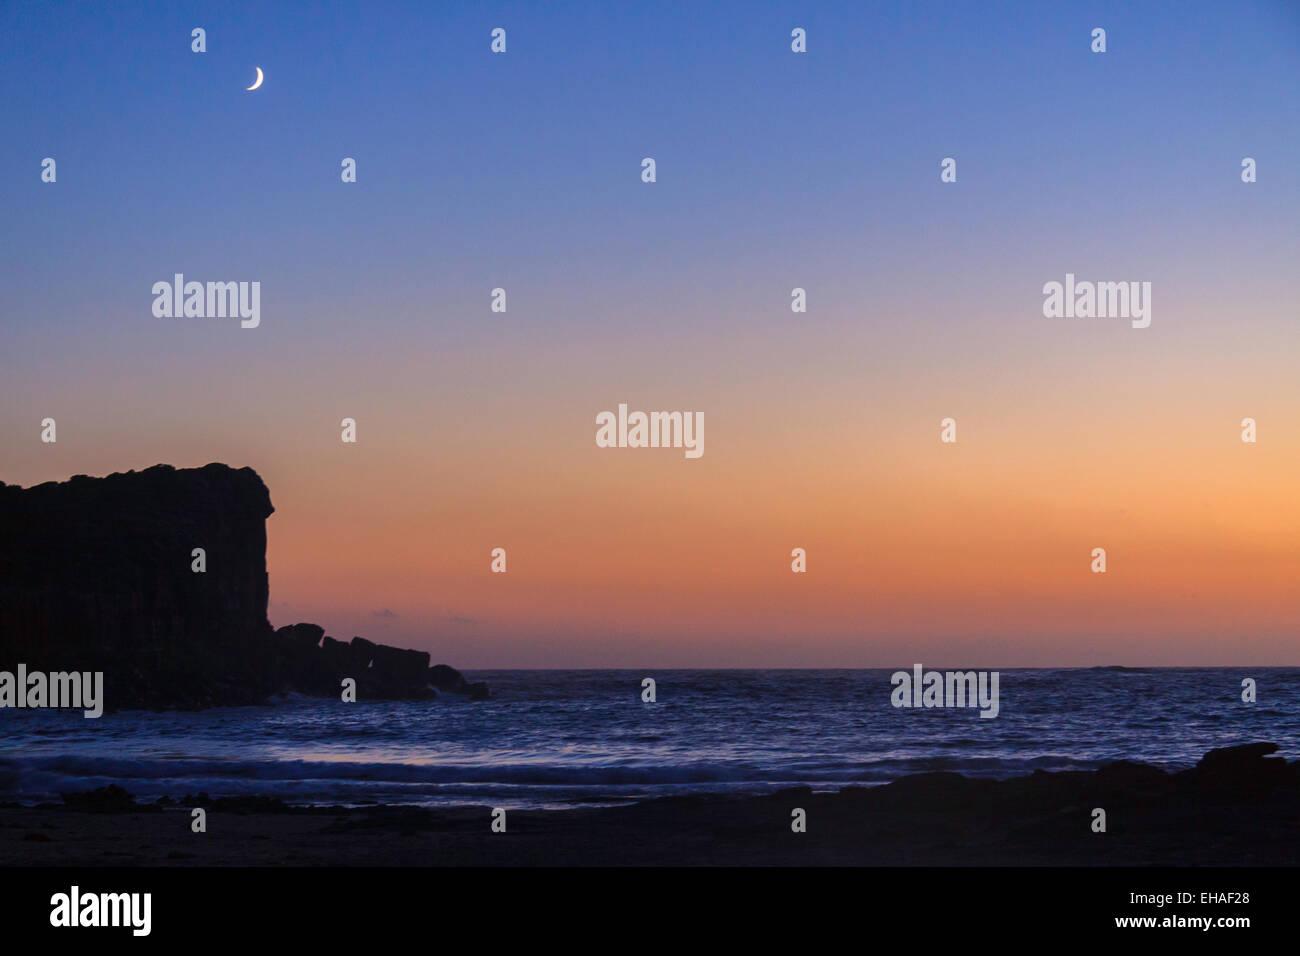 Sardinian sunset / blue hour - Stock Image